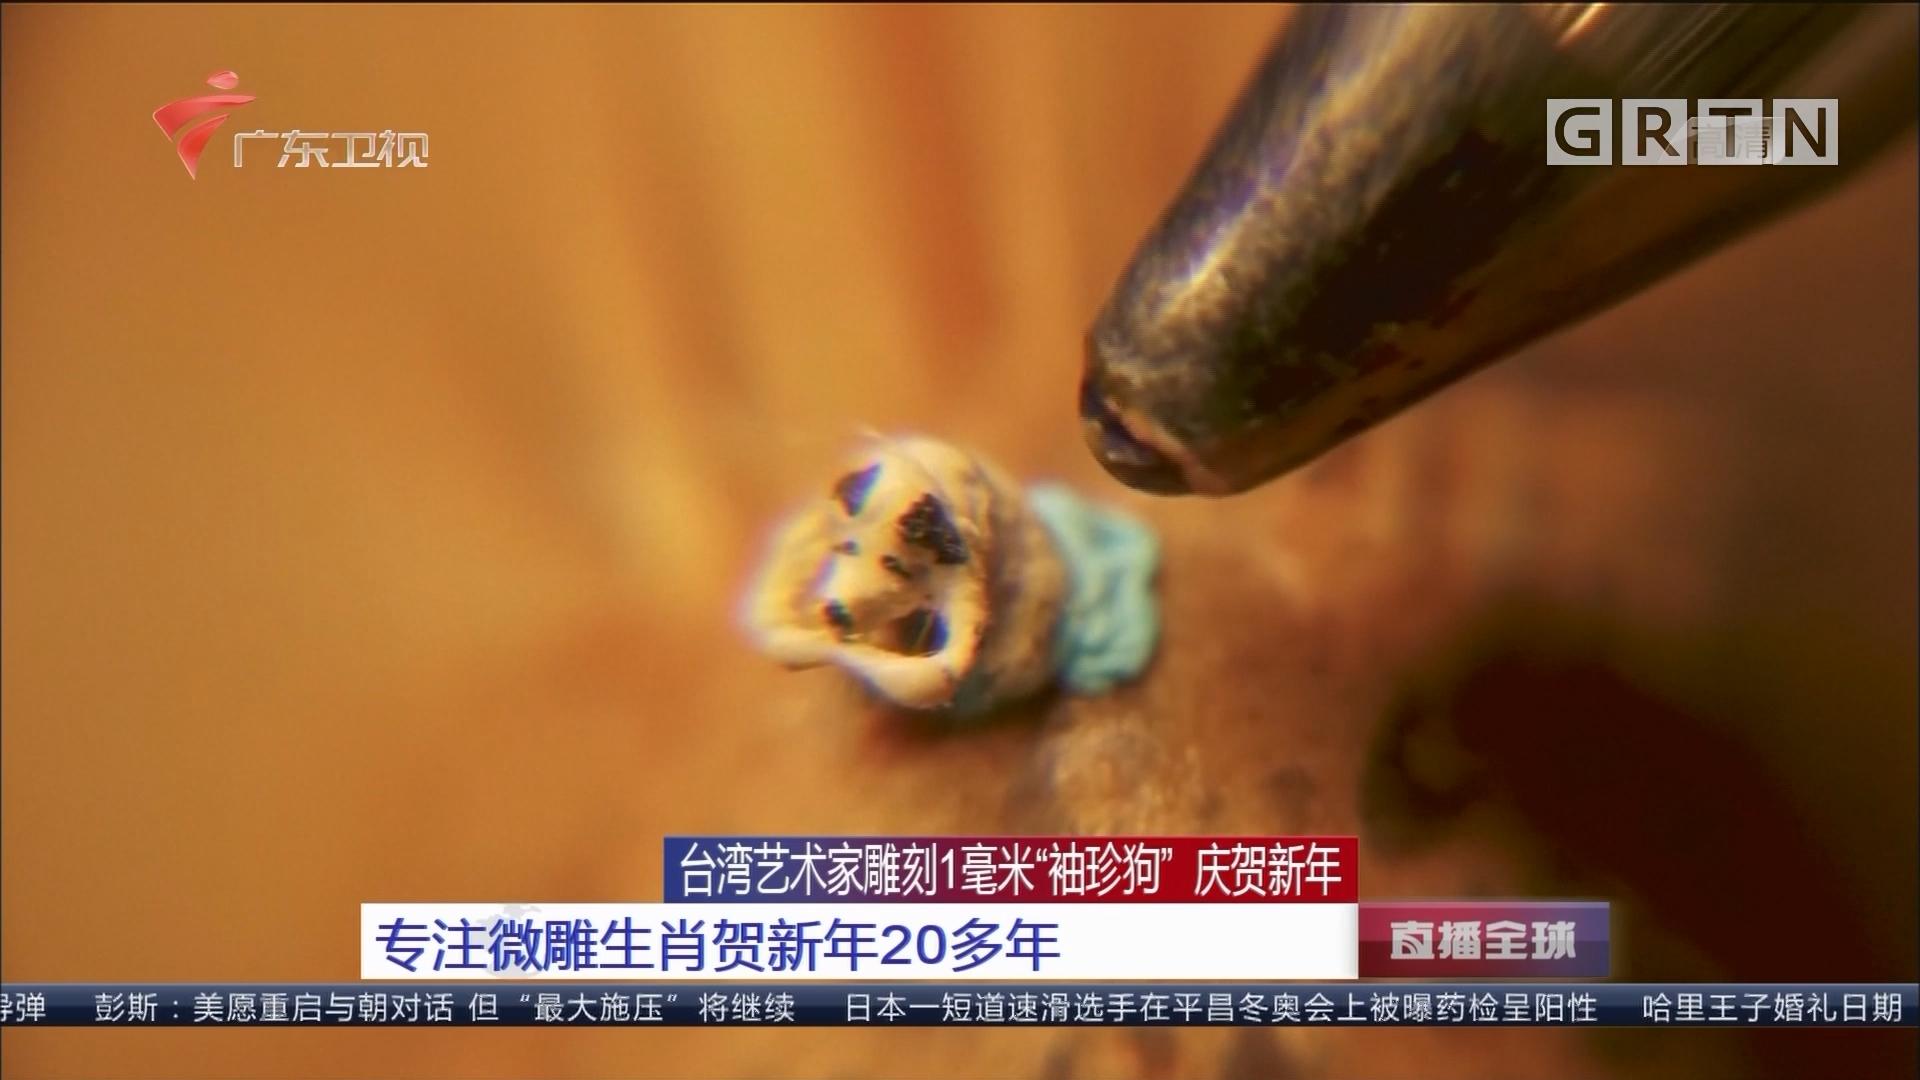 """台湾艺术家雕刻1毫米""""袖珍狗"""" 庆贺新年:专注微雕生肖贺新年20多年"""